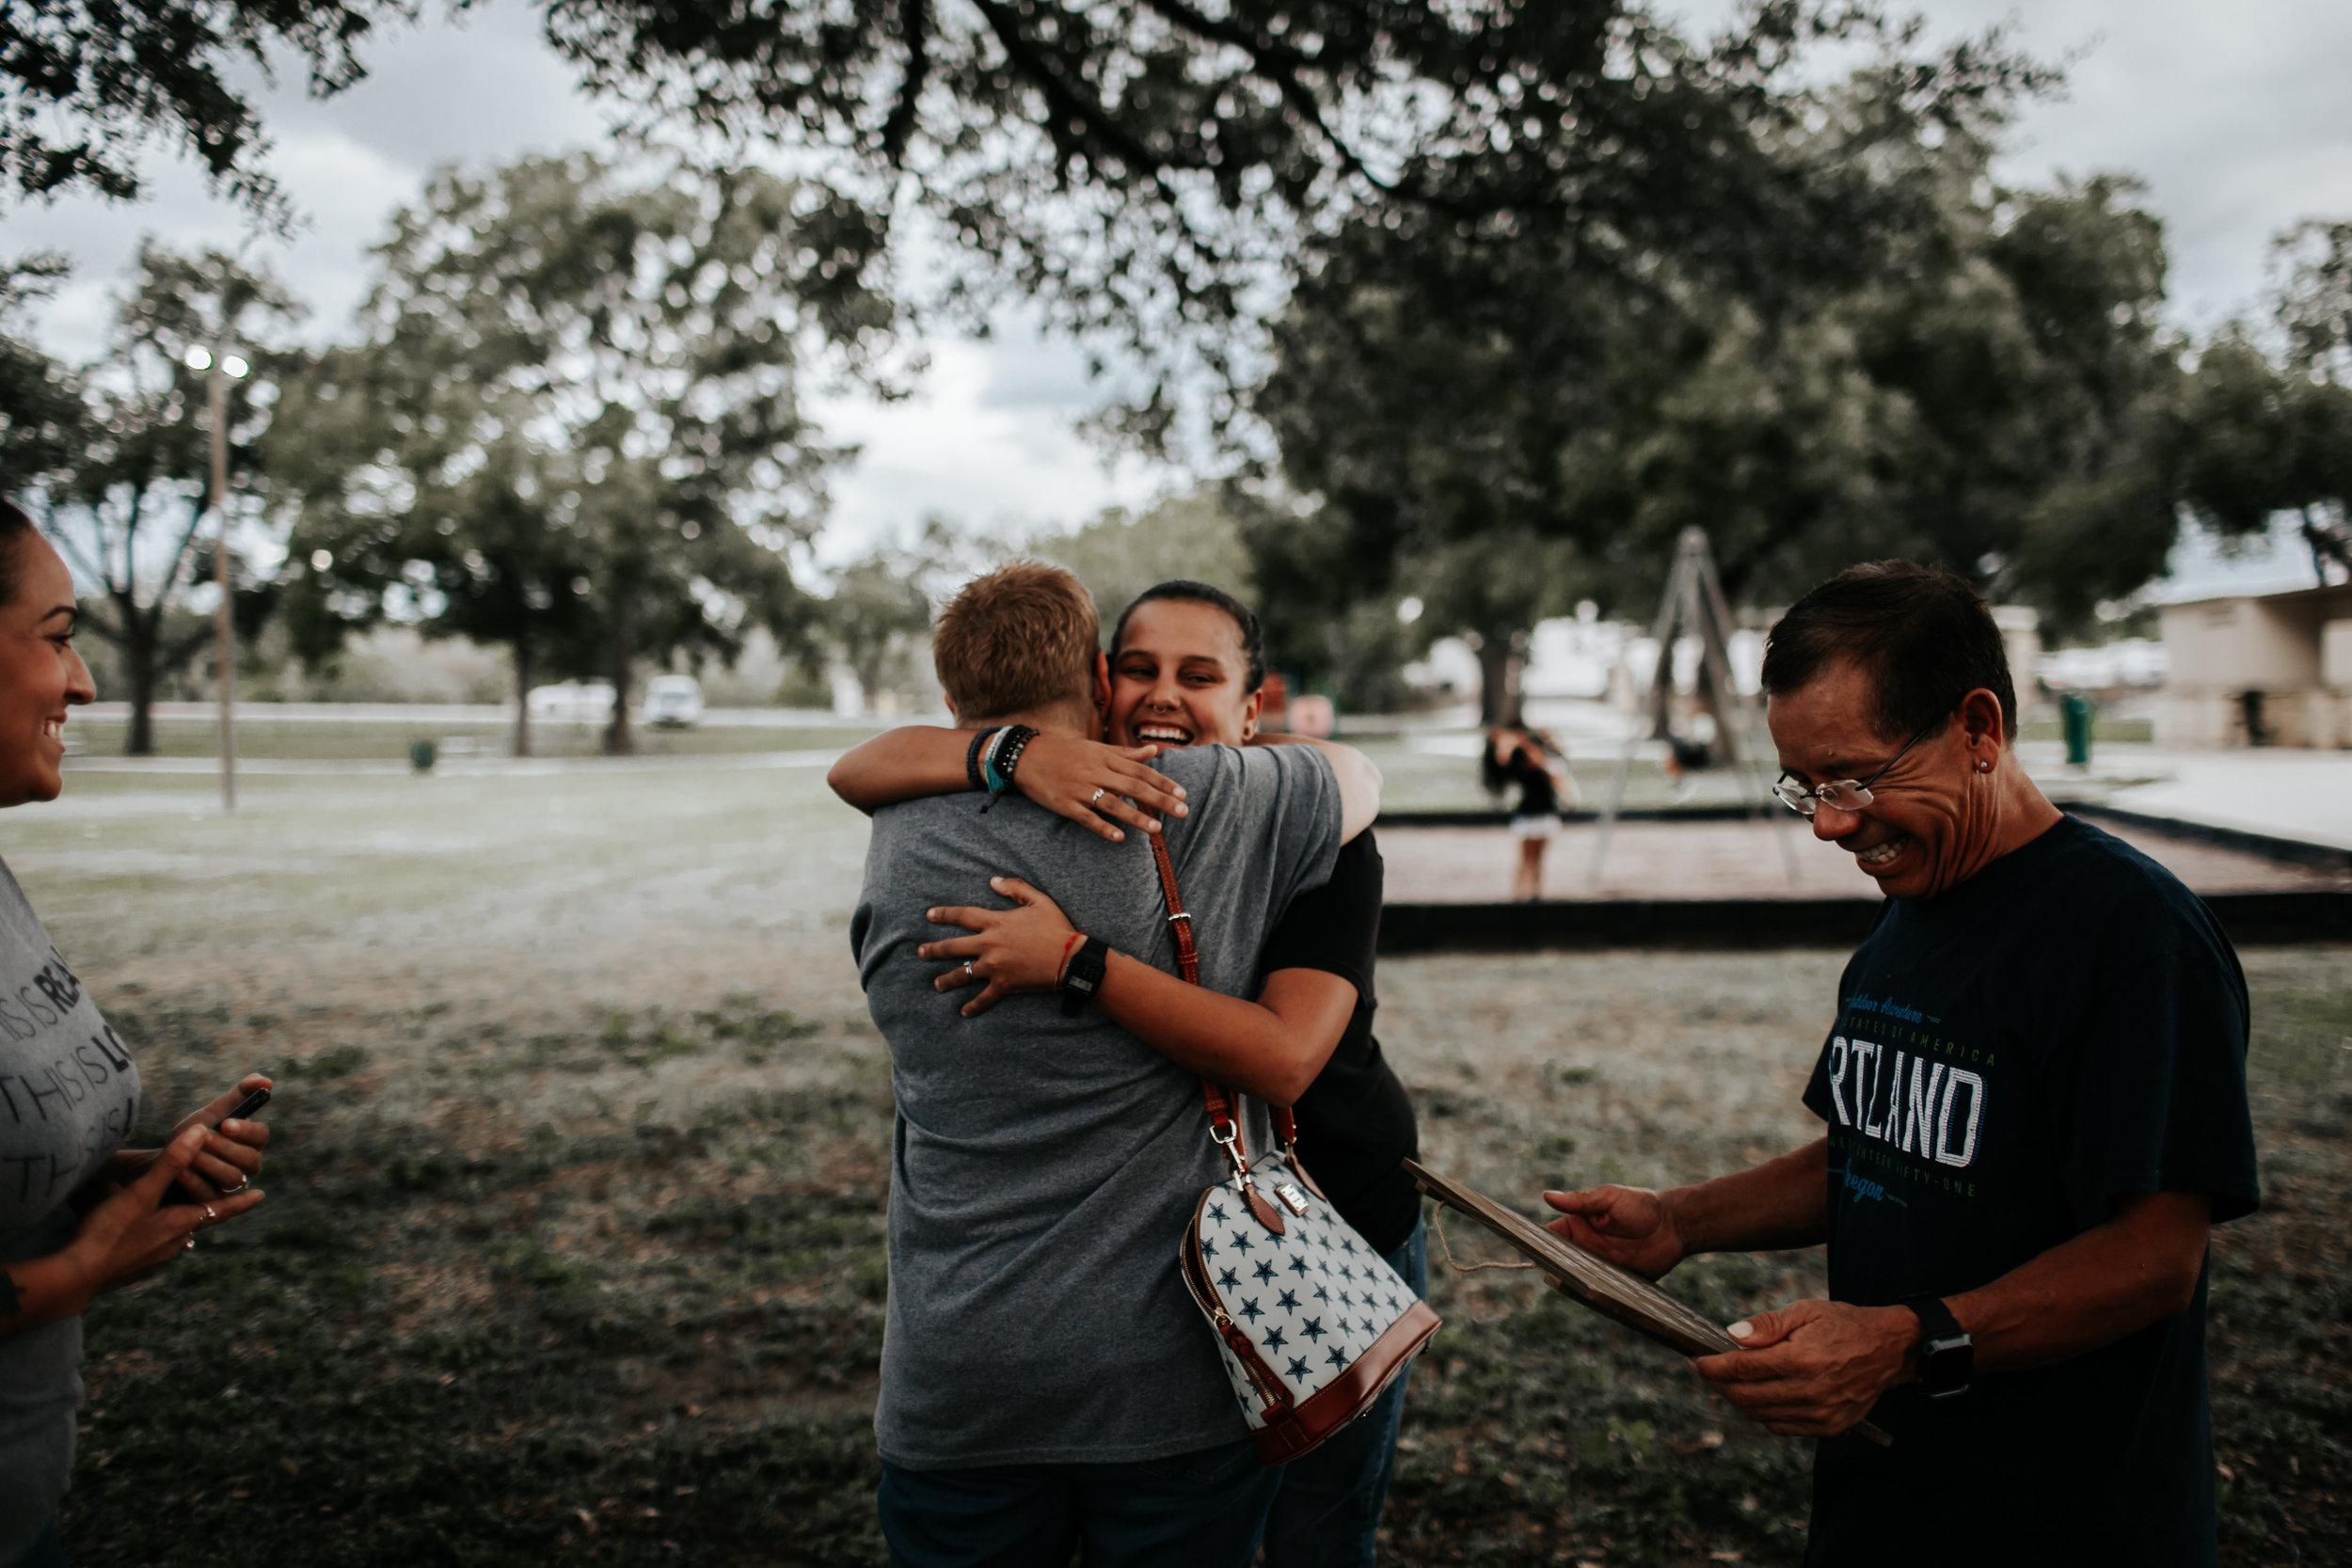 Jess-San-Antonio-Family-Photographer-17.jpg